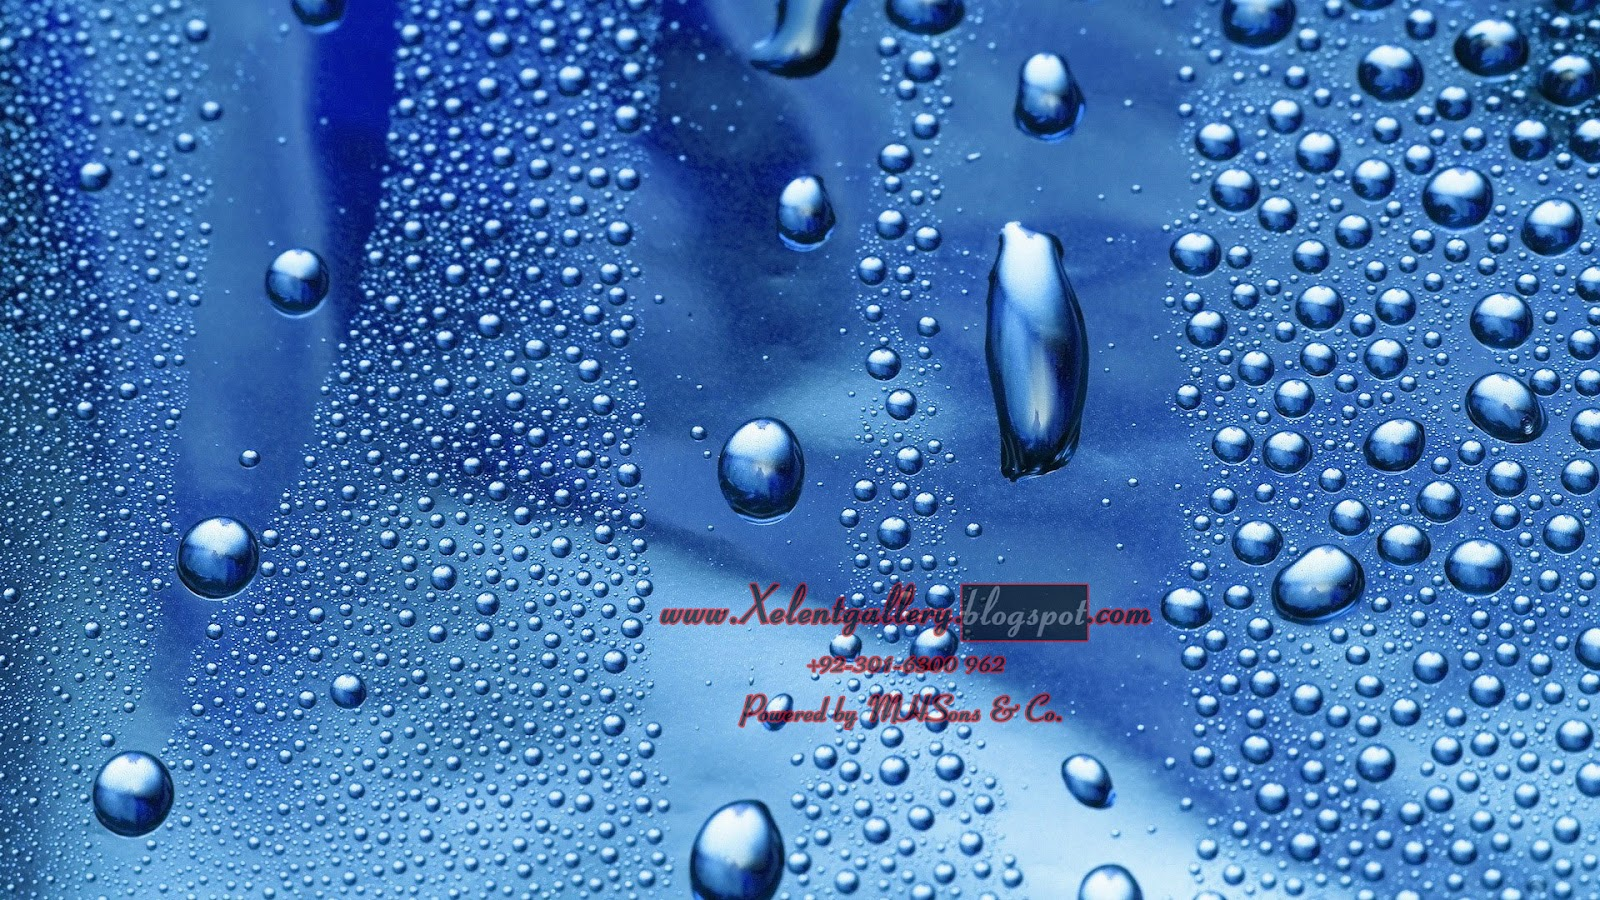 http://3.bp.blogspot.com/-UIHxNA2UOto/T8ThJyI3o7I/AAAAAAAAAHs/_QPFFV5GO9U/s1600/Rainy+Wallpapers+%252822%2529.jpg